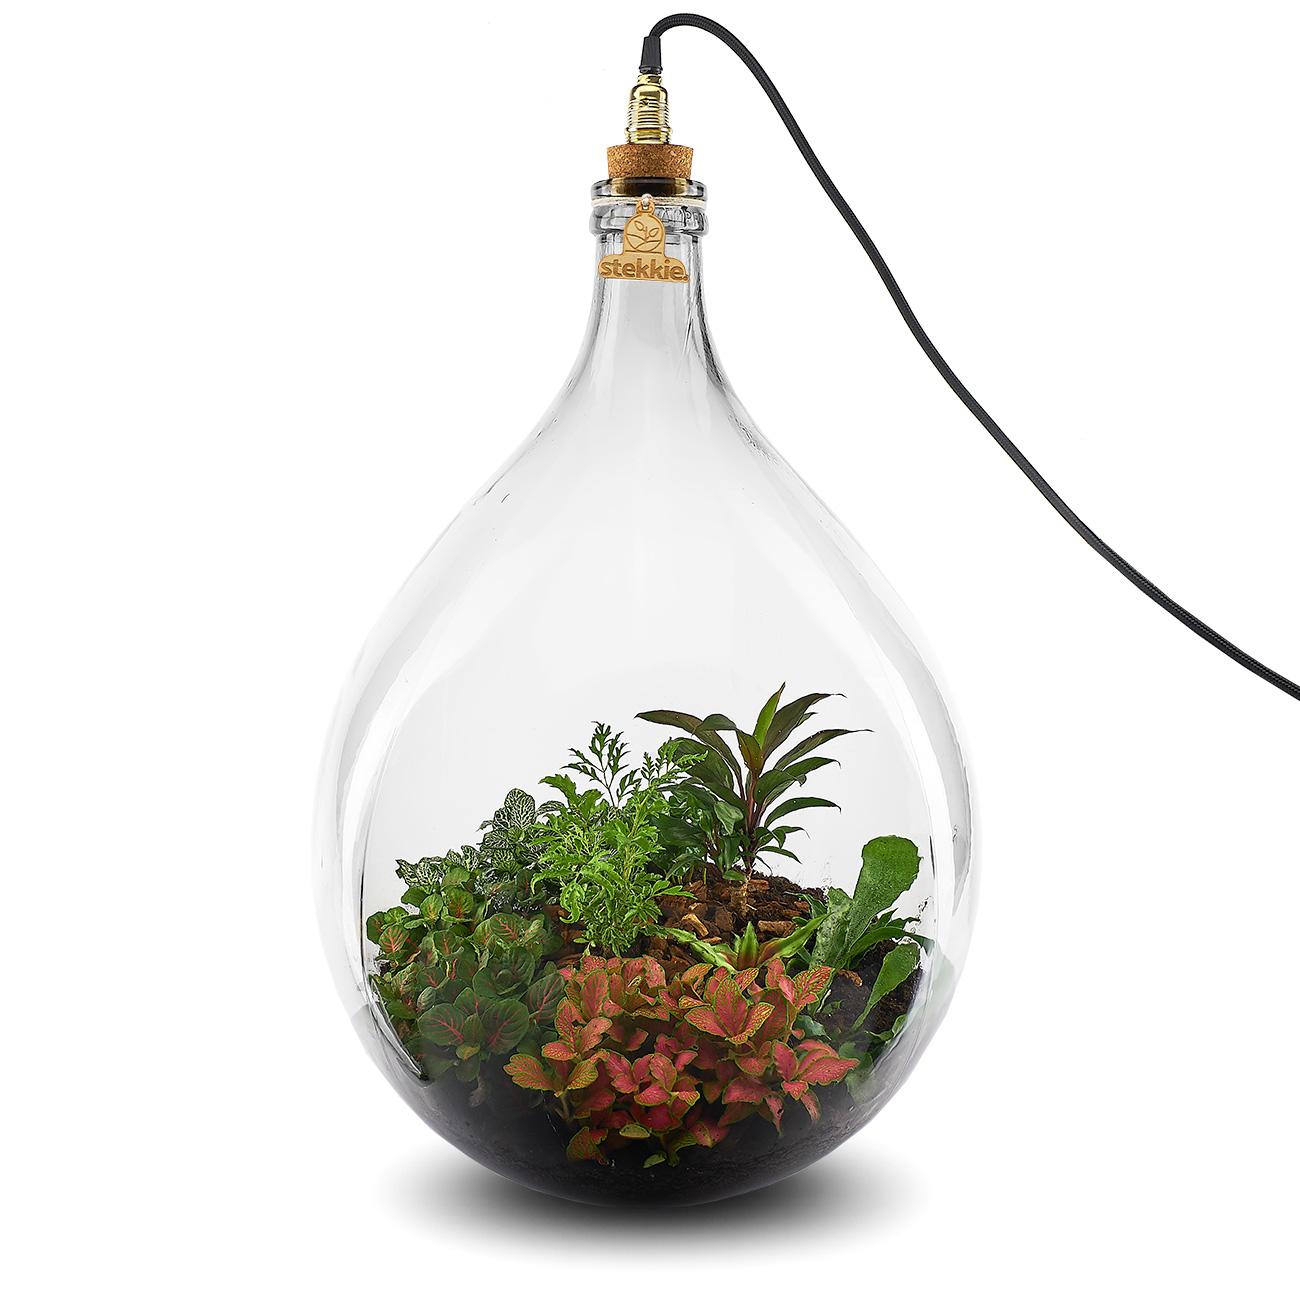 Stekkie Extra-Large mini-ecosysteem met rode accentkleur en lamp